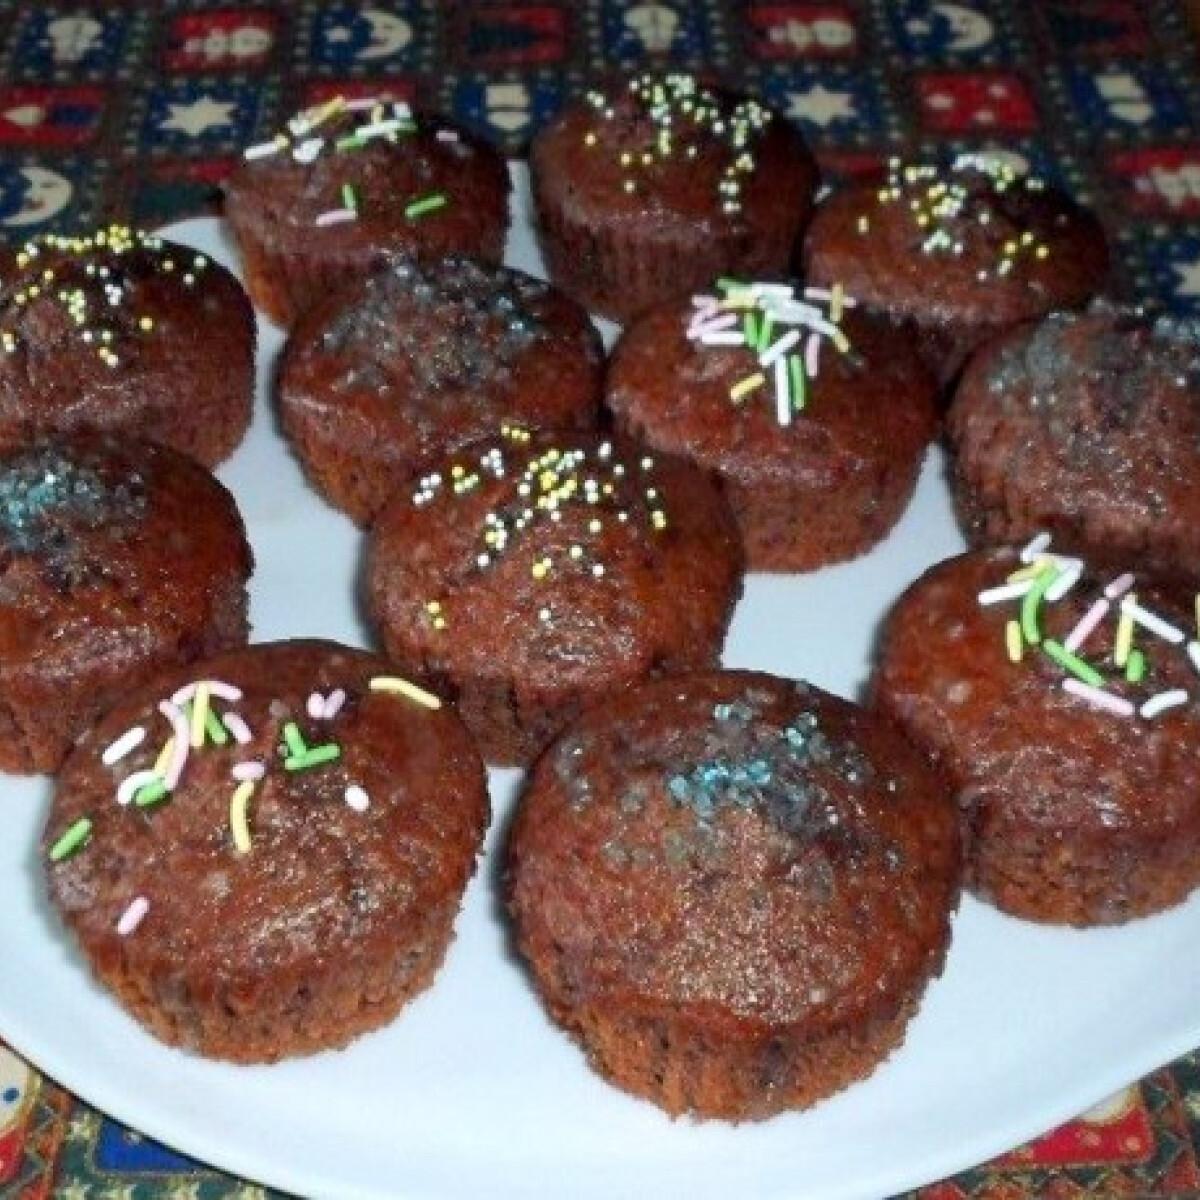 Ezen a képen: Citromos-kakaós muffin Nagymama konyhájából